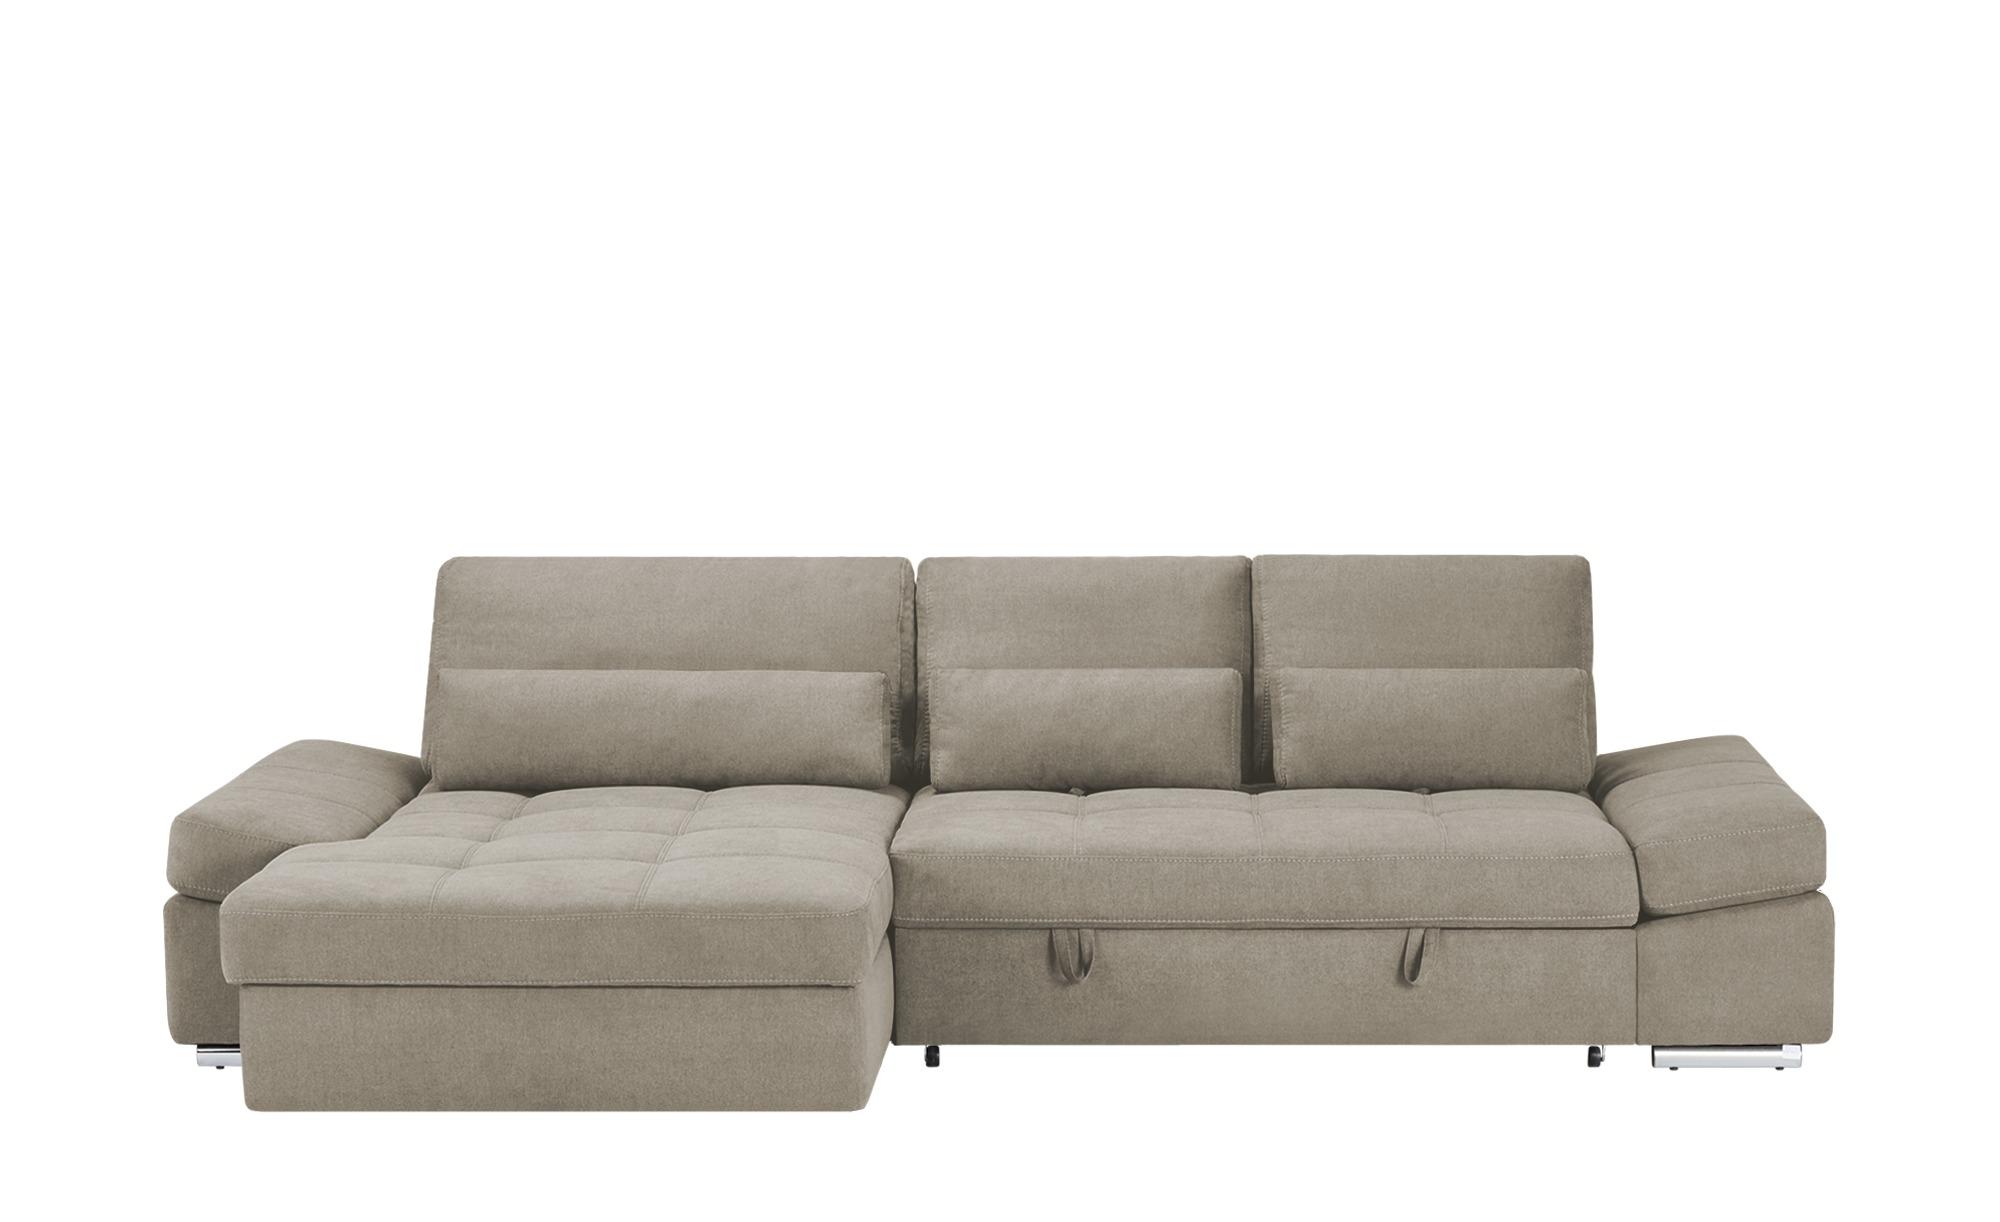 Ecksofa hudson breite h he 95 cm beige online kaufen bei for Ecksofa breite 200 cm